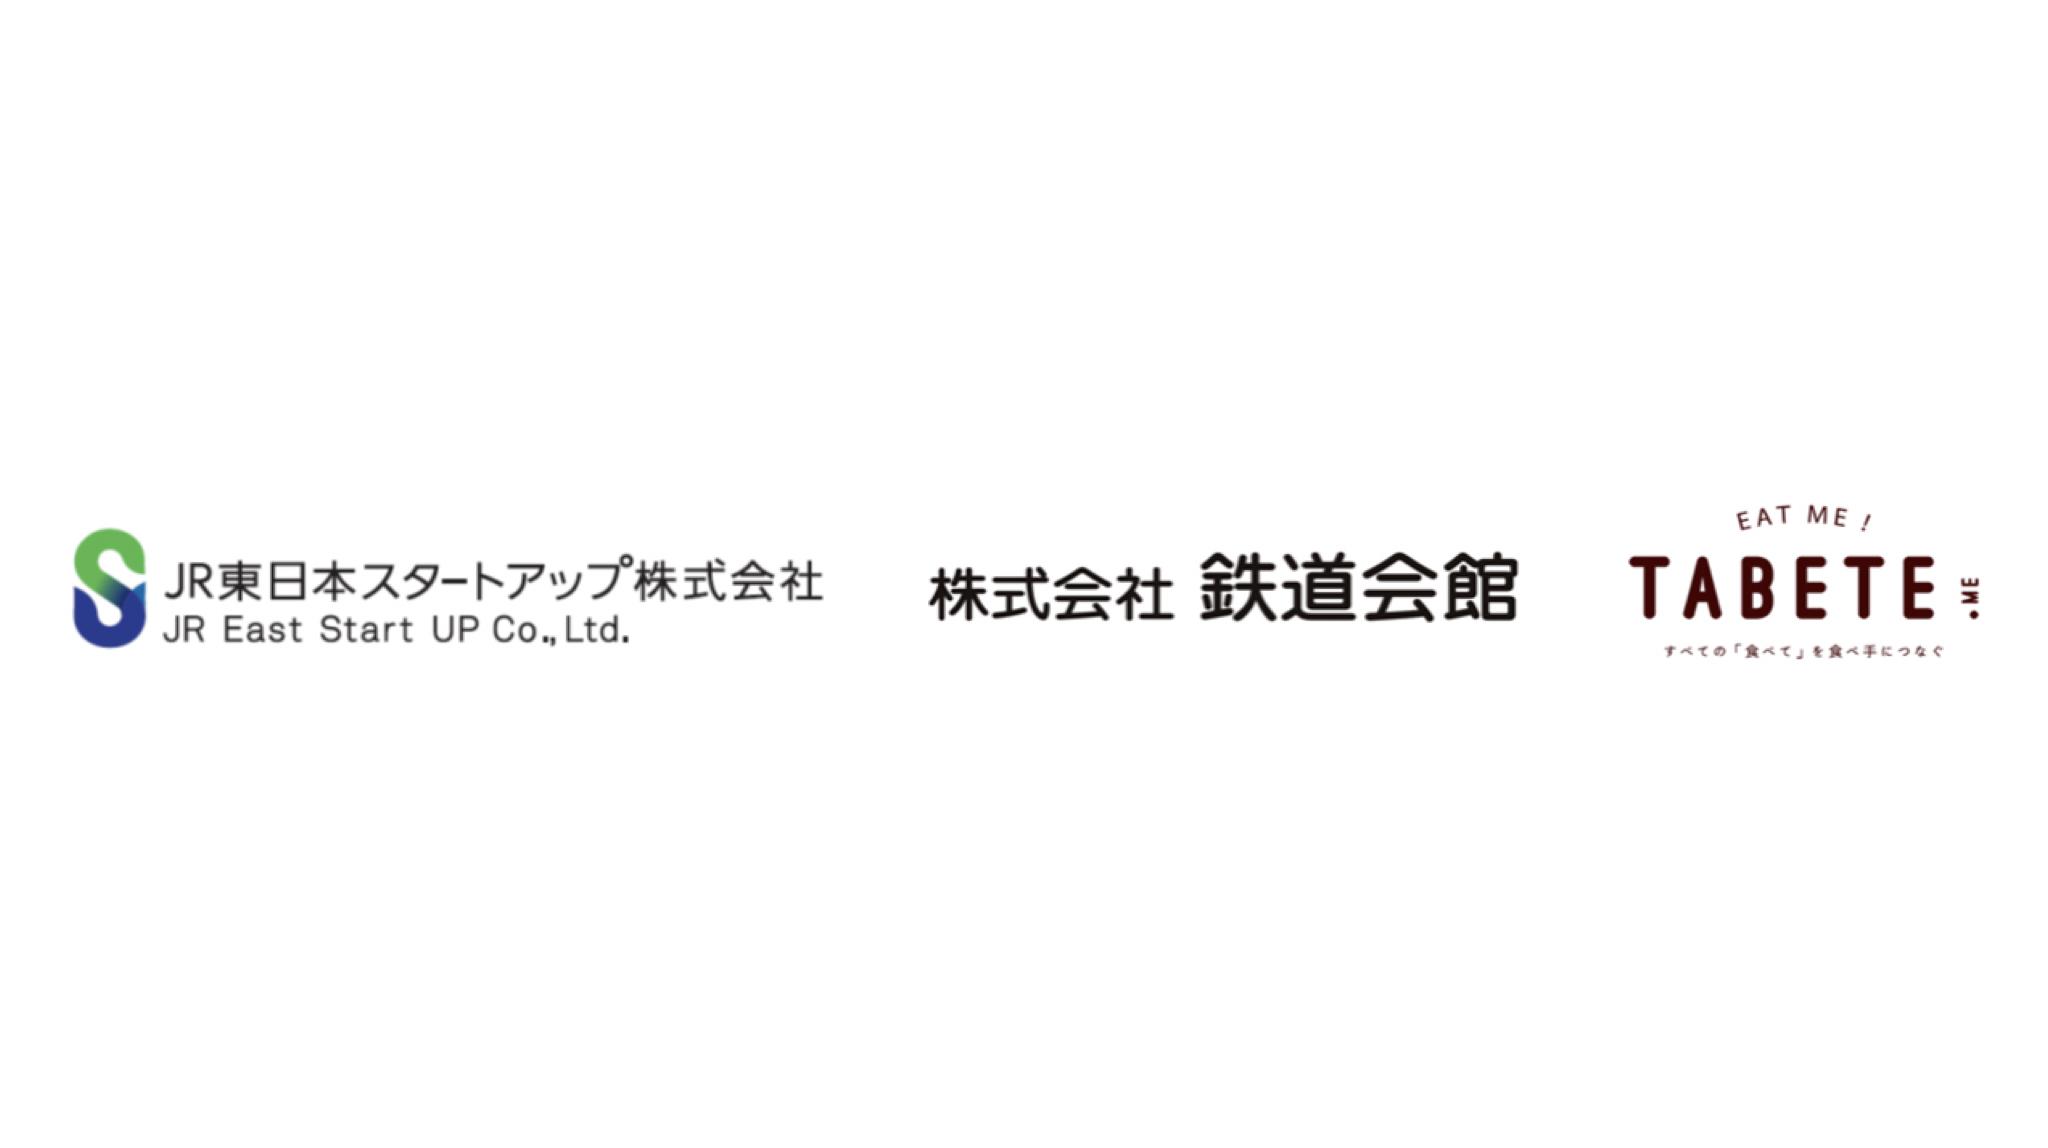 JR東日本スタートアップ×鉄道会館×コークッキング|東京駅でフードロス削減を目的とした「レスキューデリ」実証実験を開始